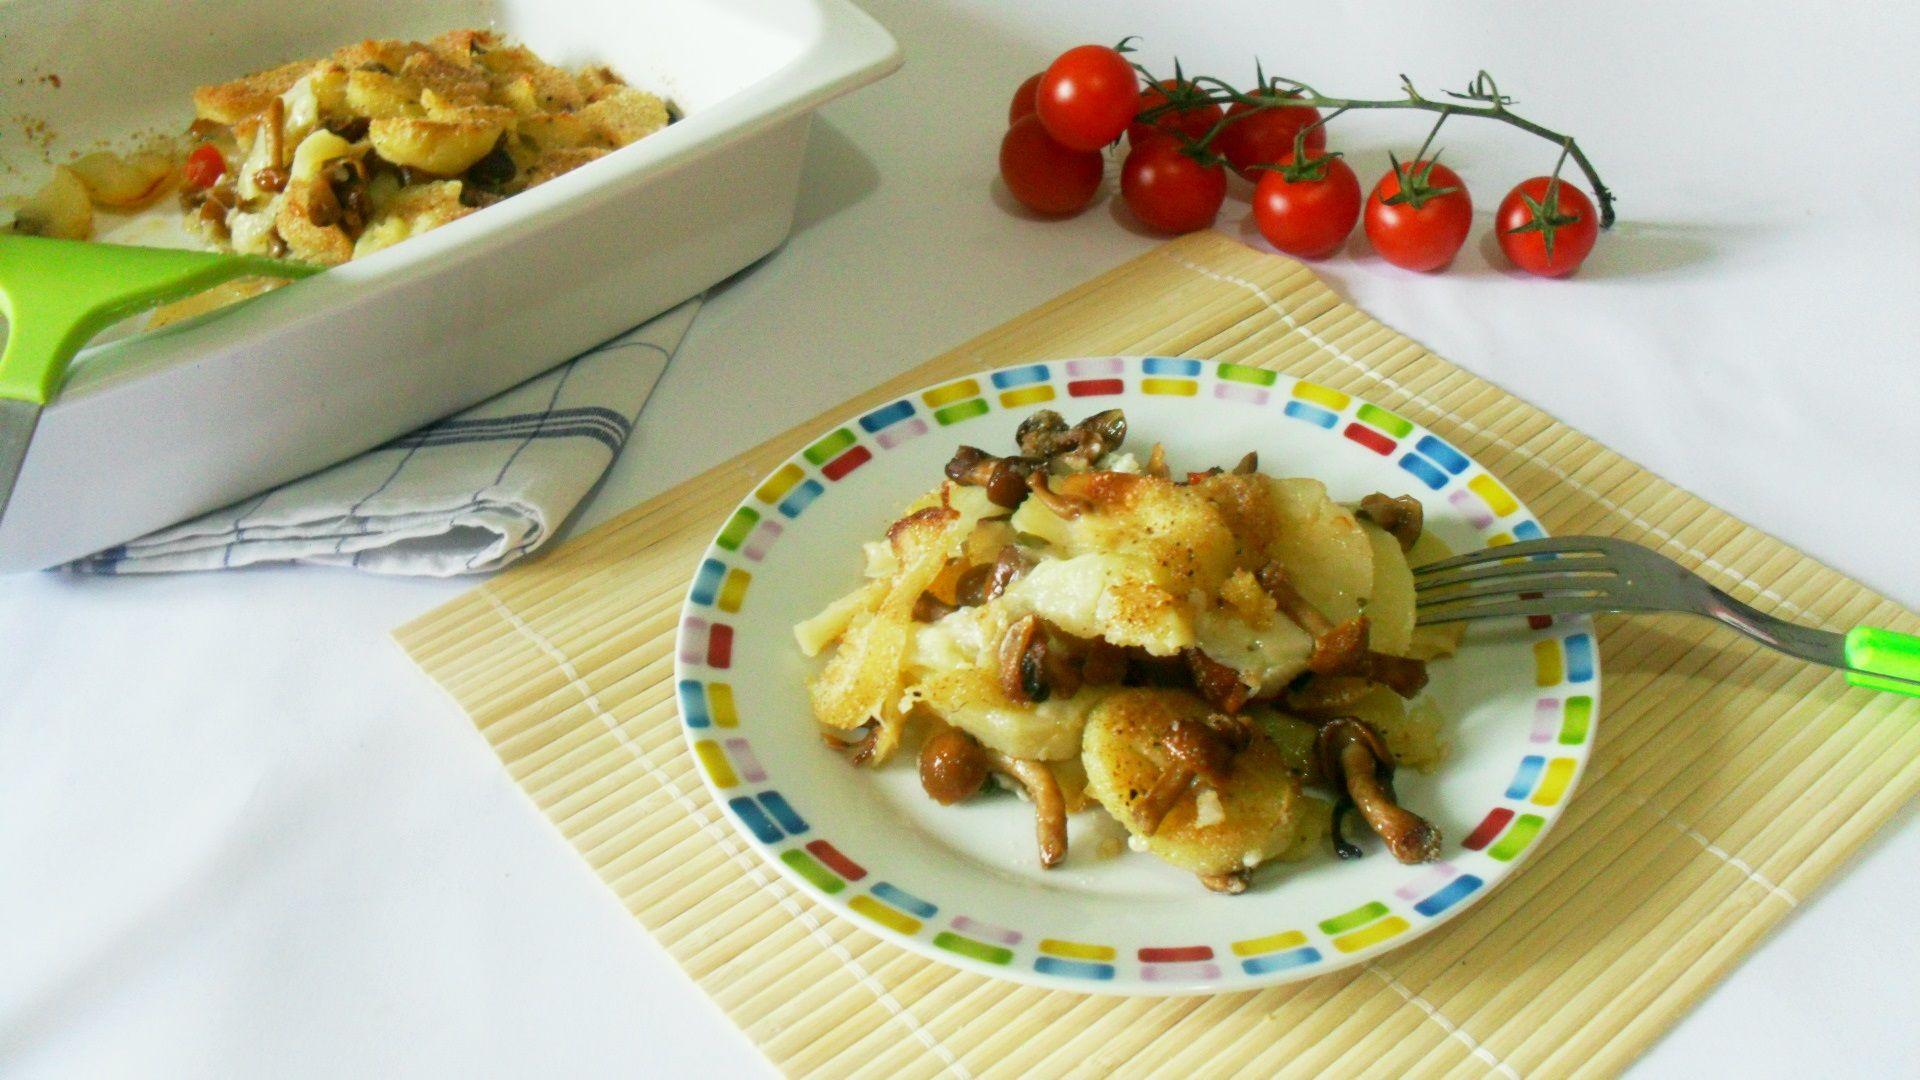 il timballo di patate con funghi è scamorza è semplice da preparare e molto gustoso..